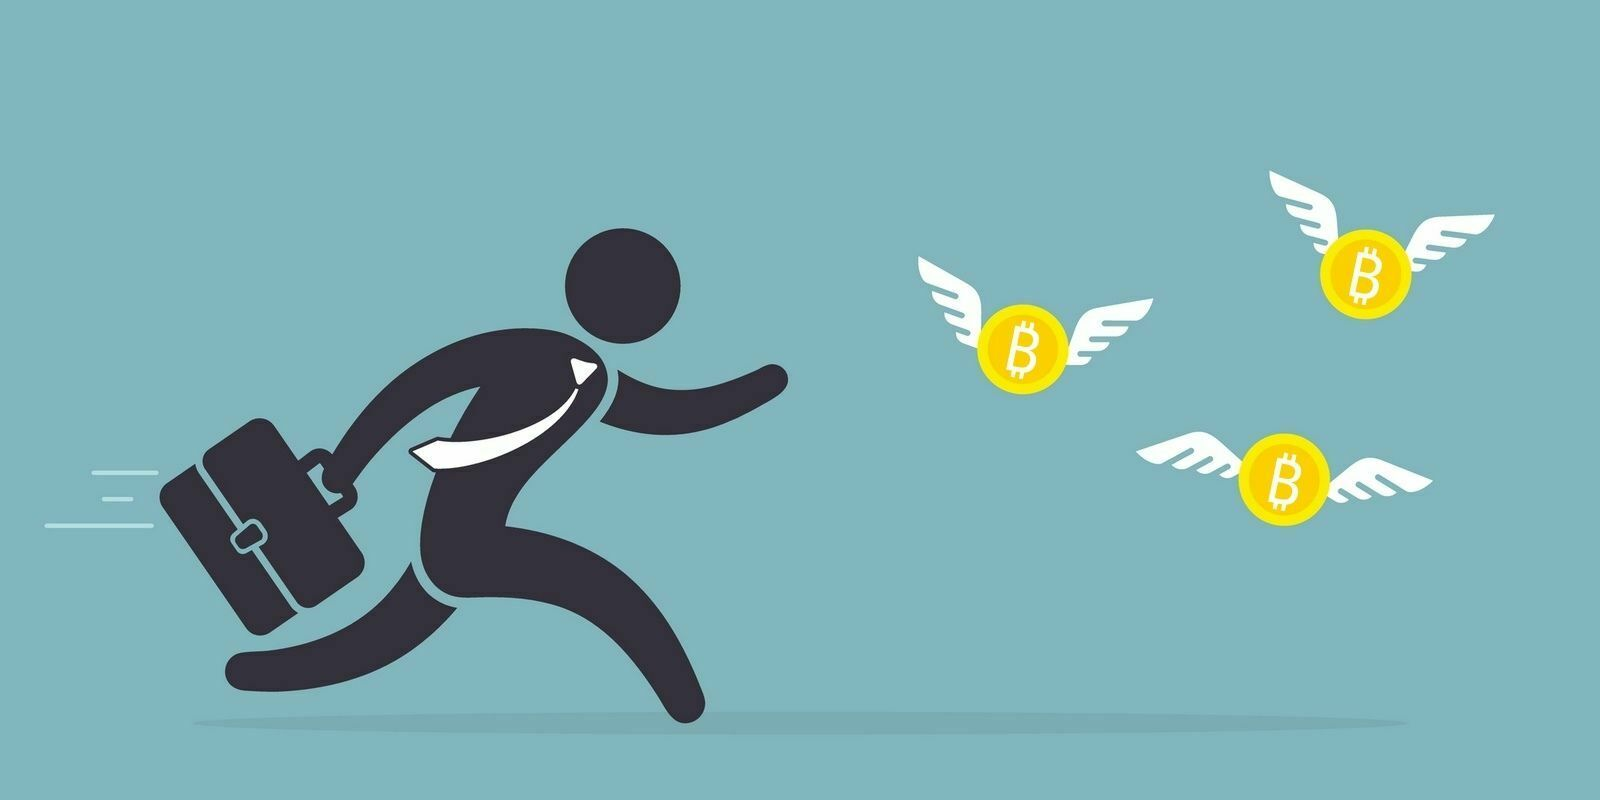 Les investisseurs retirent leurs bitcoins (BTC) des exchanges: pourquoi c'est un bon signe?